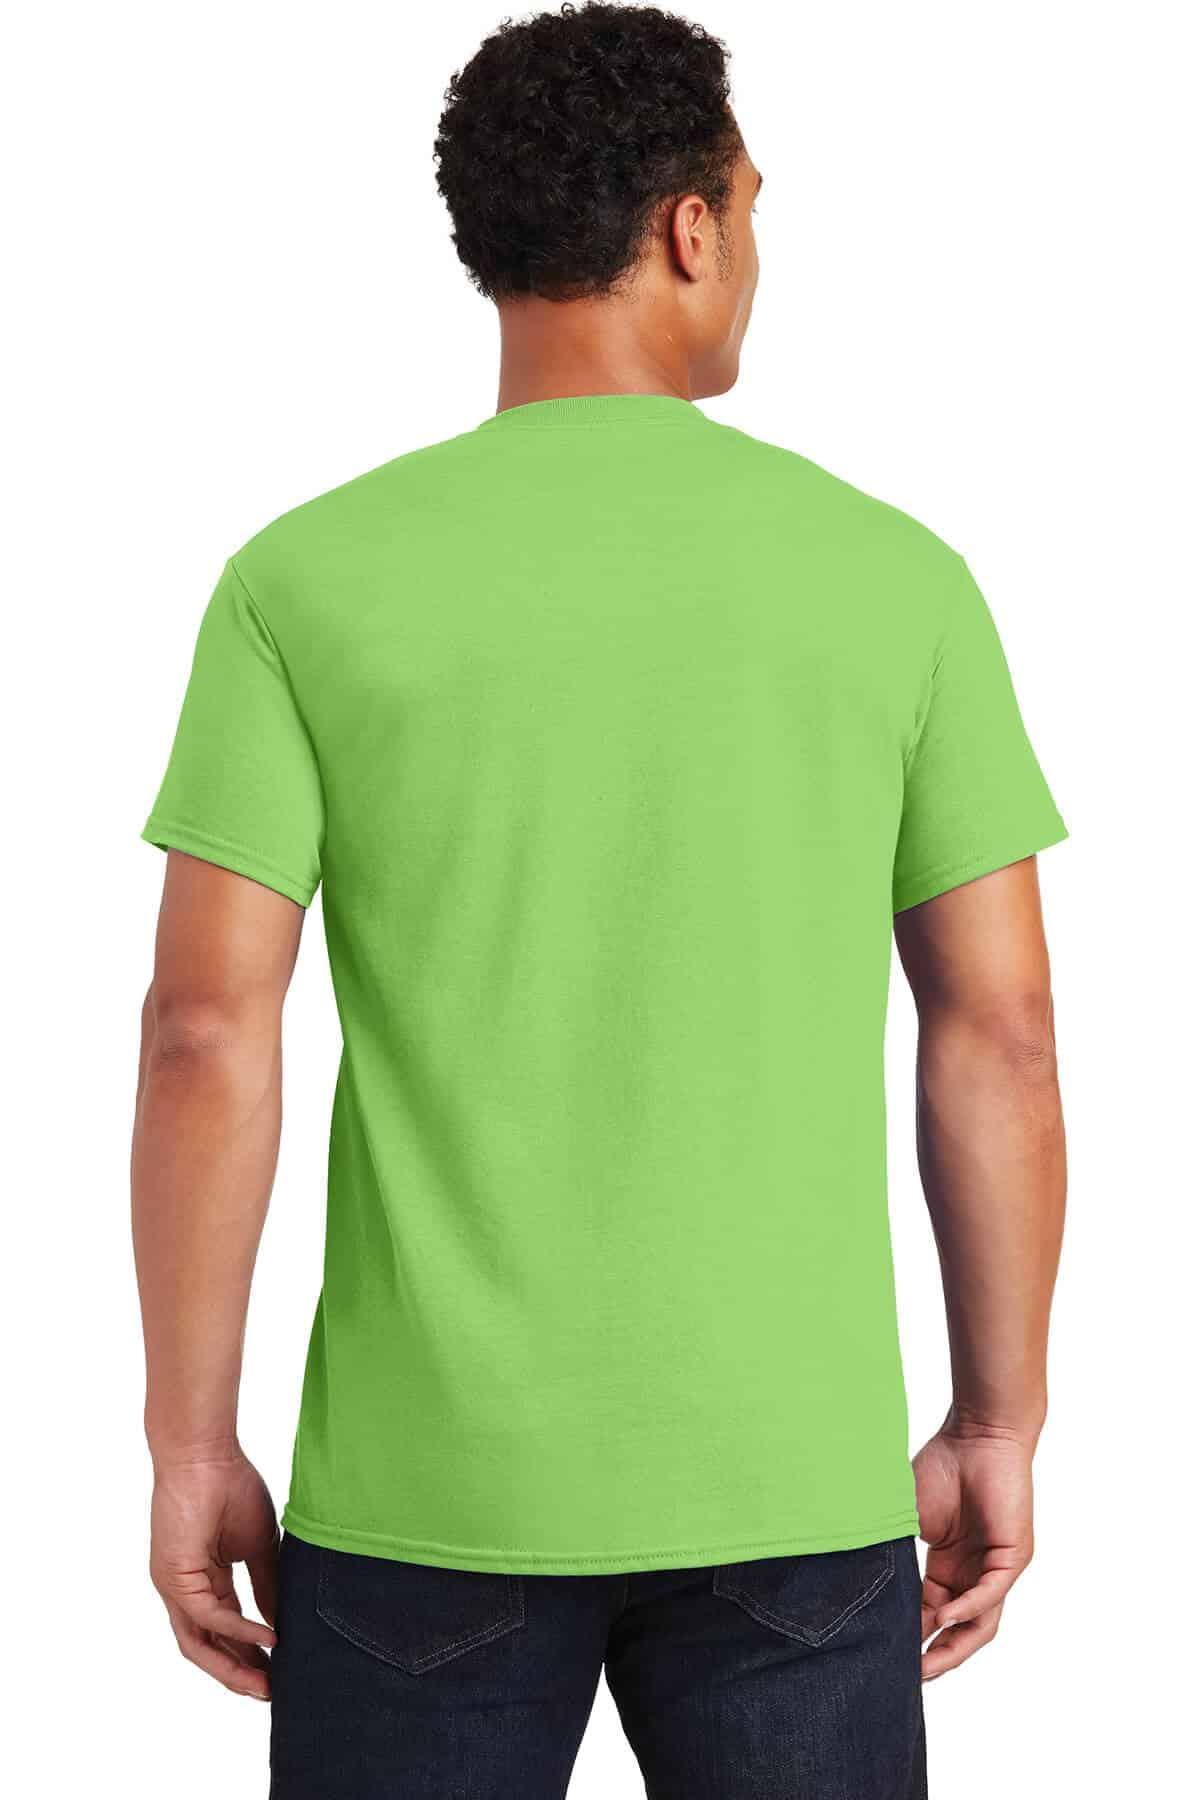 Lime TeeShirt Back